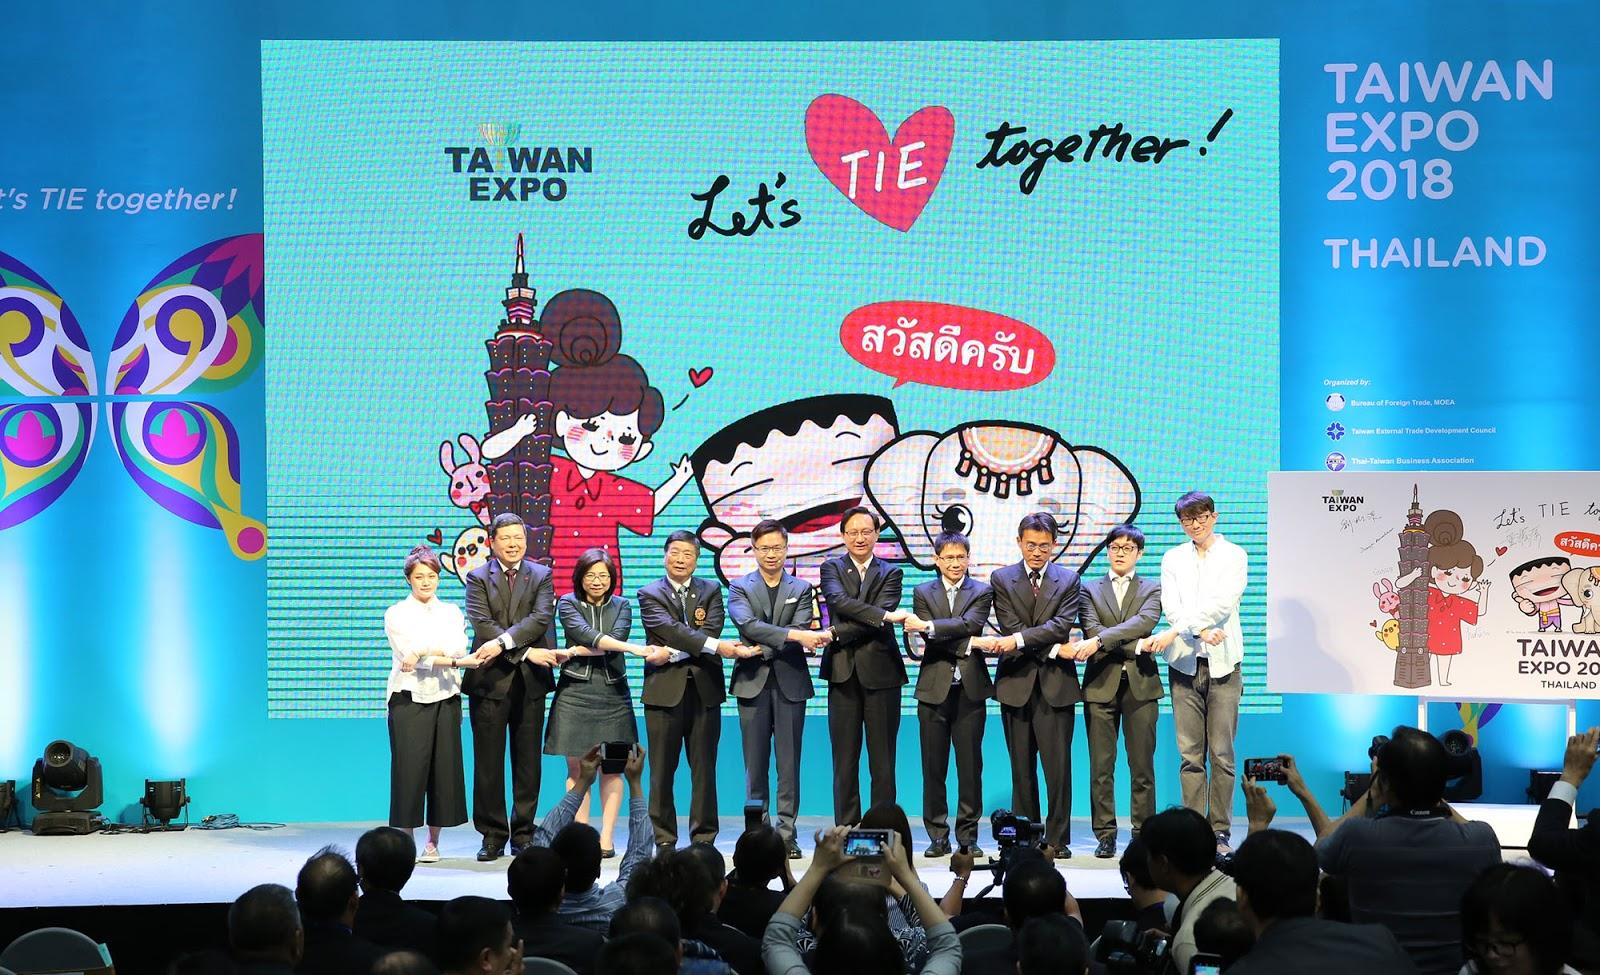 ครั้งแรกในเมืองไทยกับงาน Taiwan Expo 2018  งานแสดงนวัตกรรมและเทคโนโลยีสุดล้ำส่งตรงจากไต้หวันสู่สายตาชาวไทย